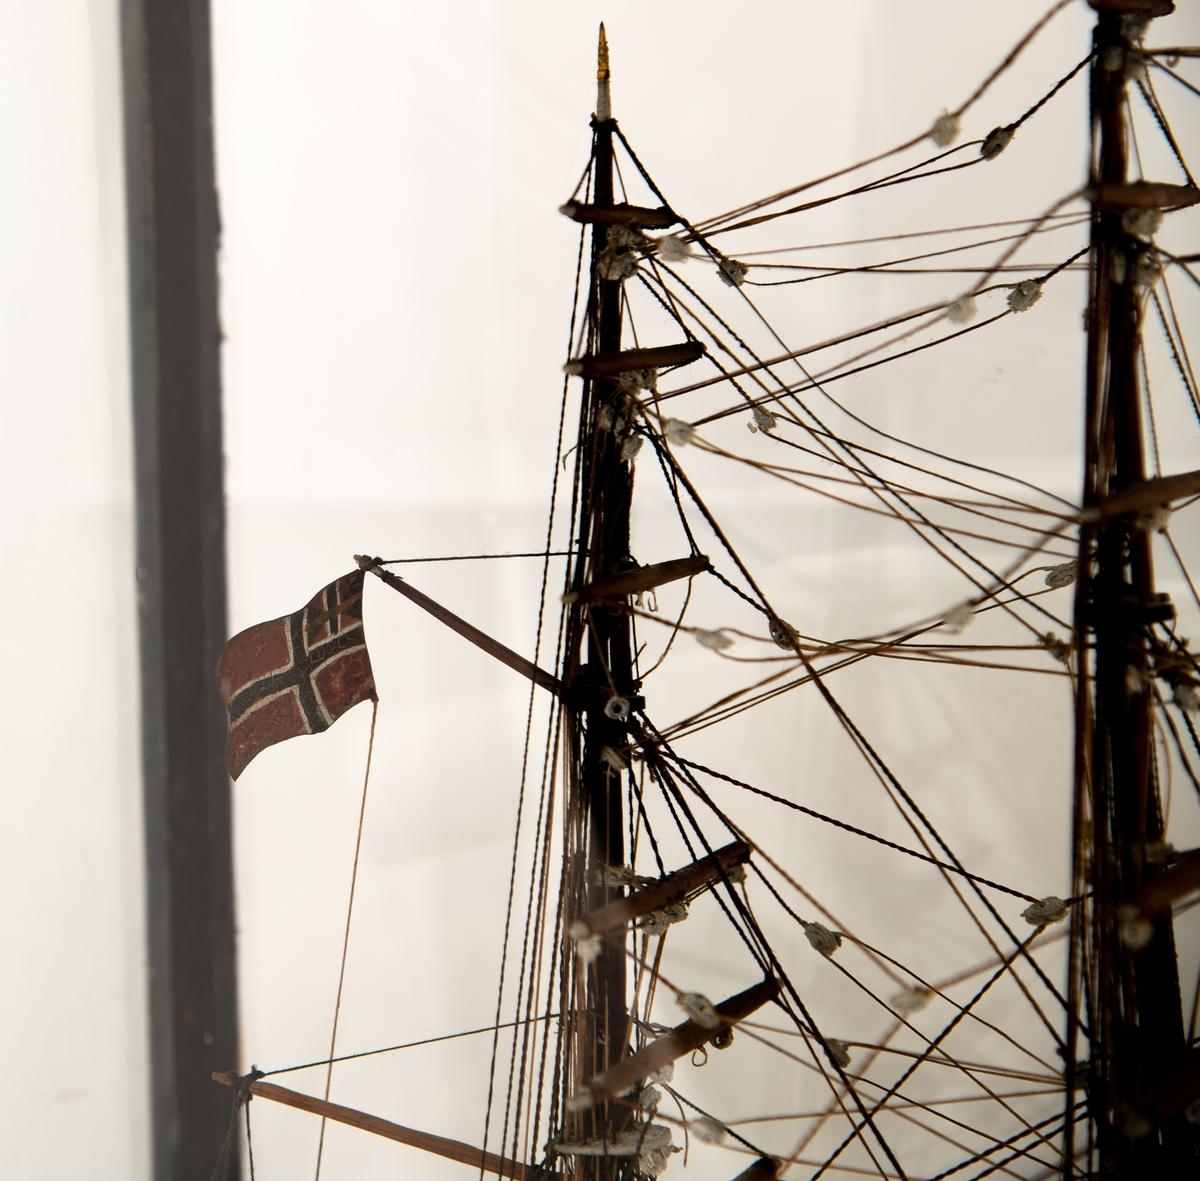 """Modell av fullrigger """"Skare"""".  (i glasskasse). Sortmalt  tre  med   forgylt  kjøl på mørkeblå ruglet bunn av  gips eller leire.  Kasse med glassvegger, sort ramme og  huntonittplate på toppen. Tremaster uten seil, unionsflagg akter, svensk-norsk. En livbåt ligger løs i bunnen,"""